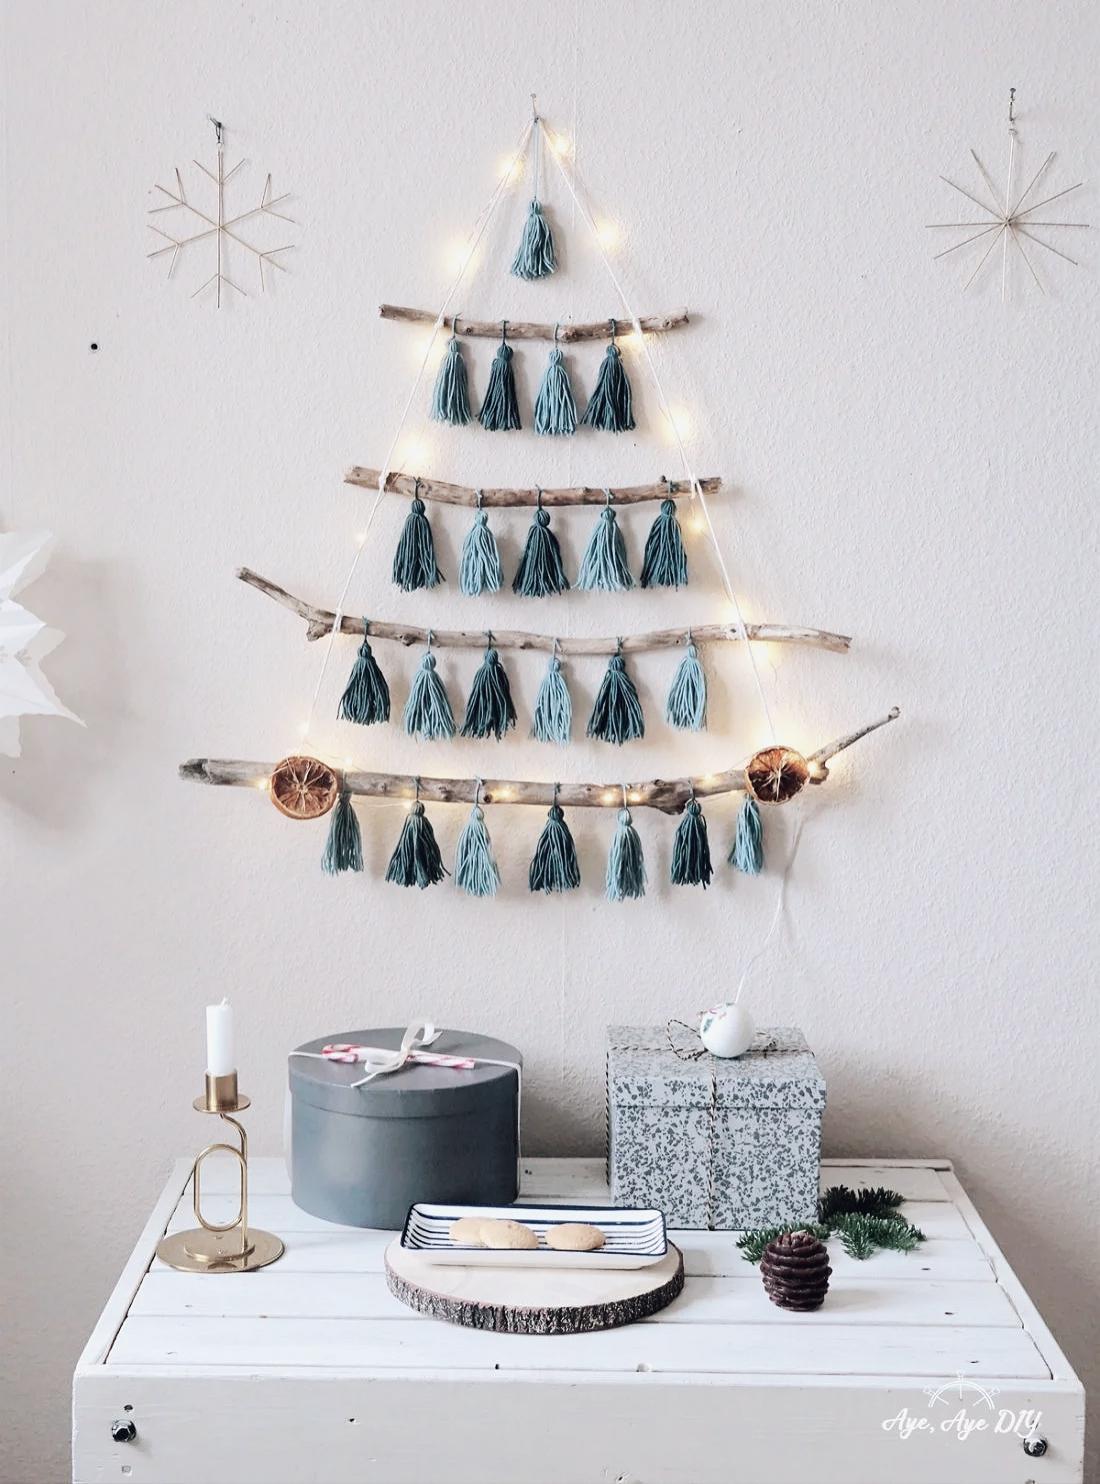 Weihnachtsbaum Alternative: DIY Weihnachtsbaum aus Ästen basteln